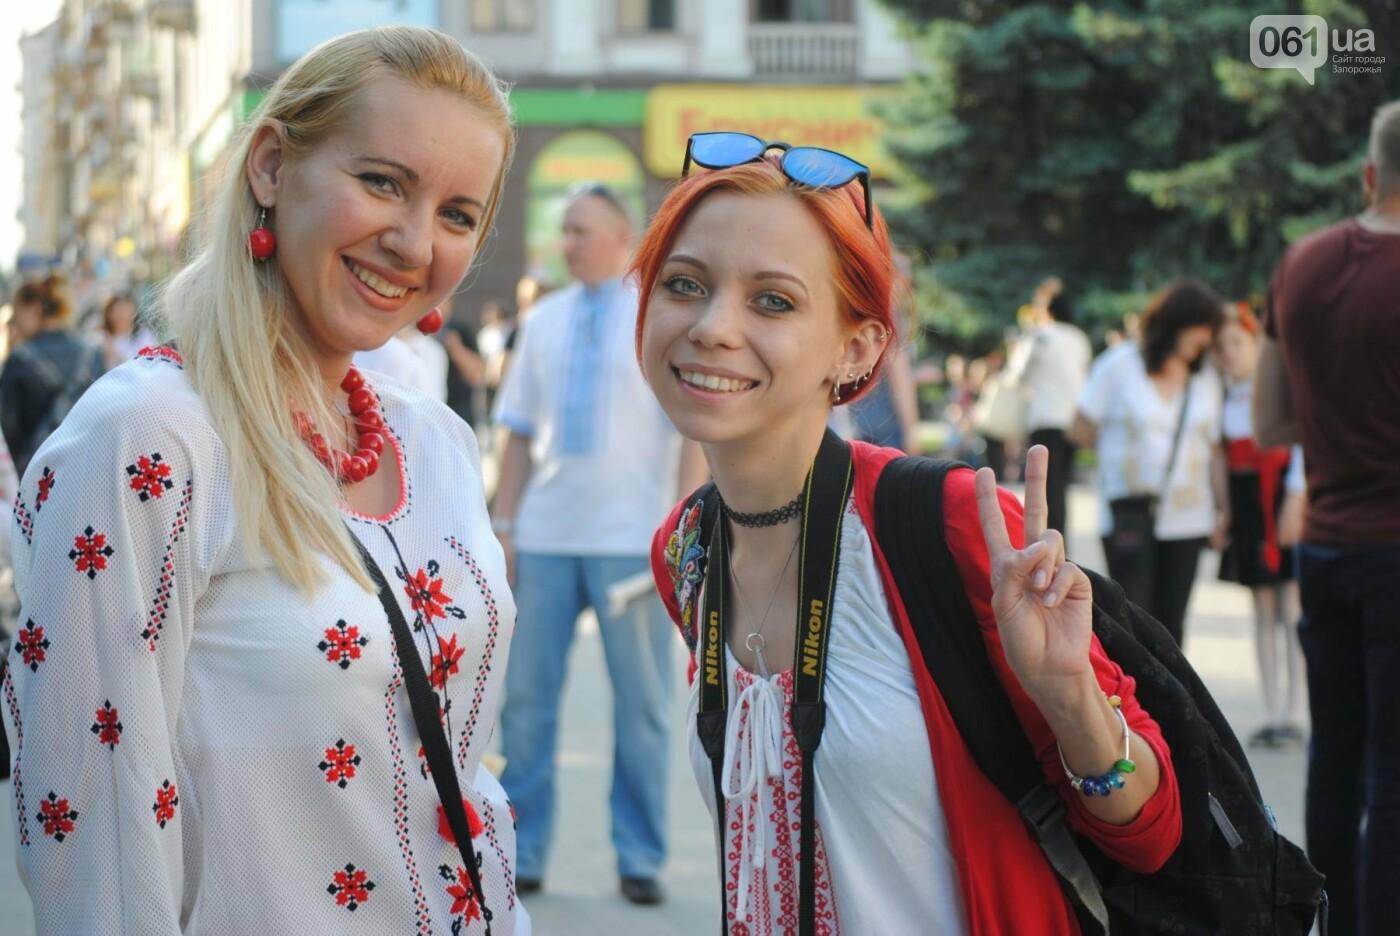 Несколько сотен запорожцев приняли участие в Марше вышиванок, - ФОТОРЕПОРТАЖ, фото-3